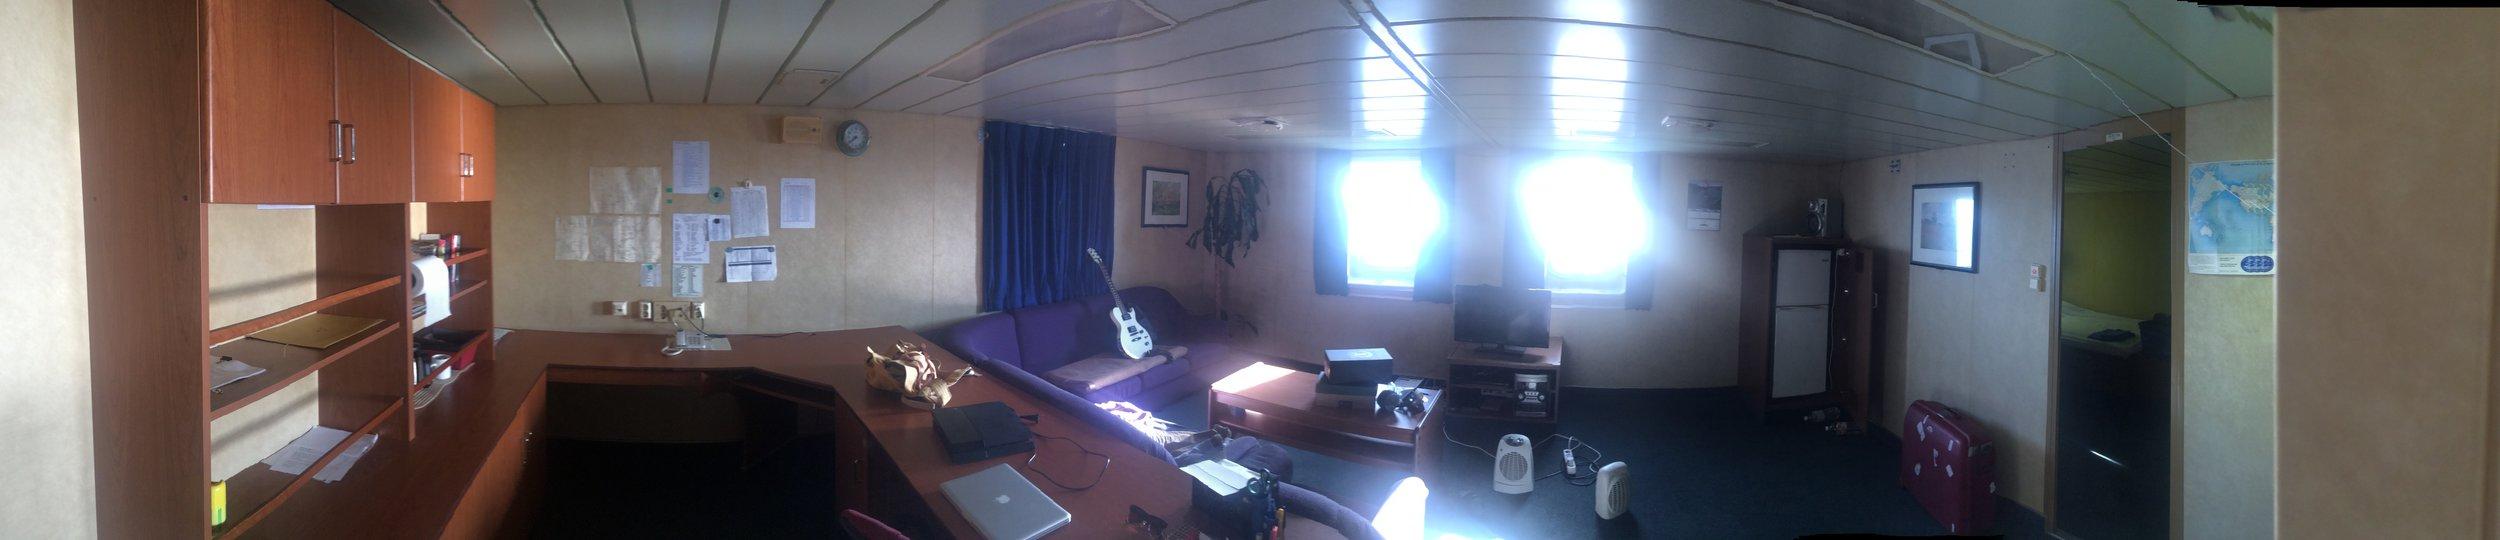 seniors cabin.jpg